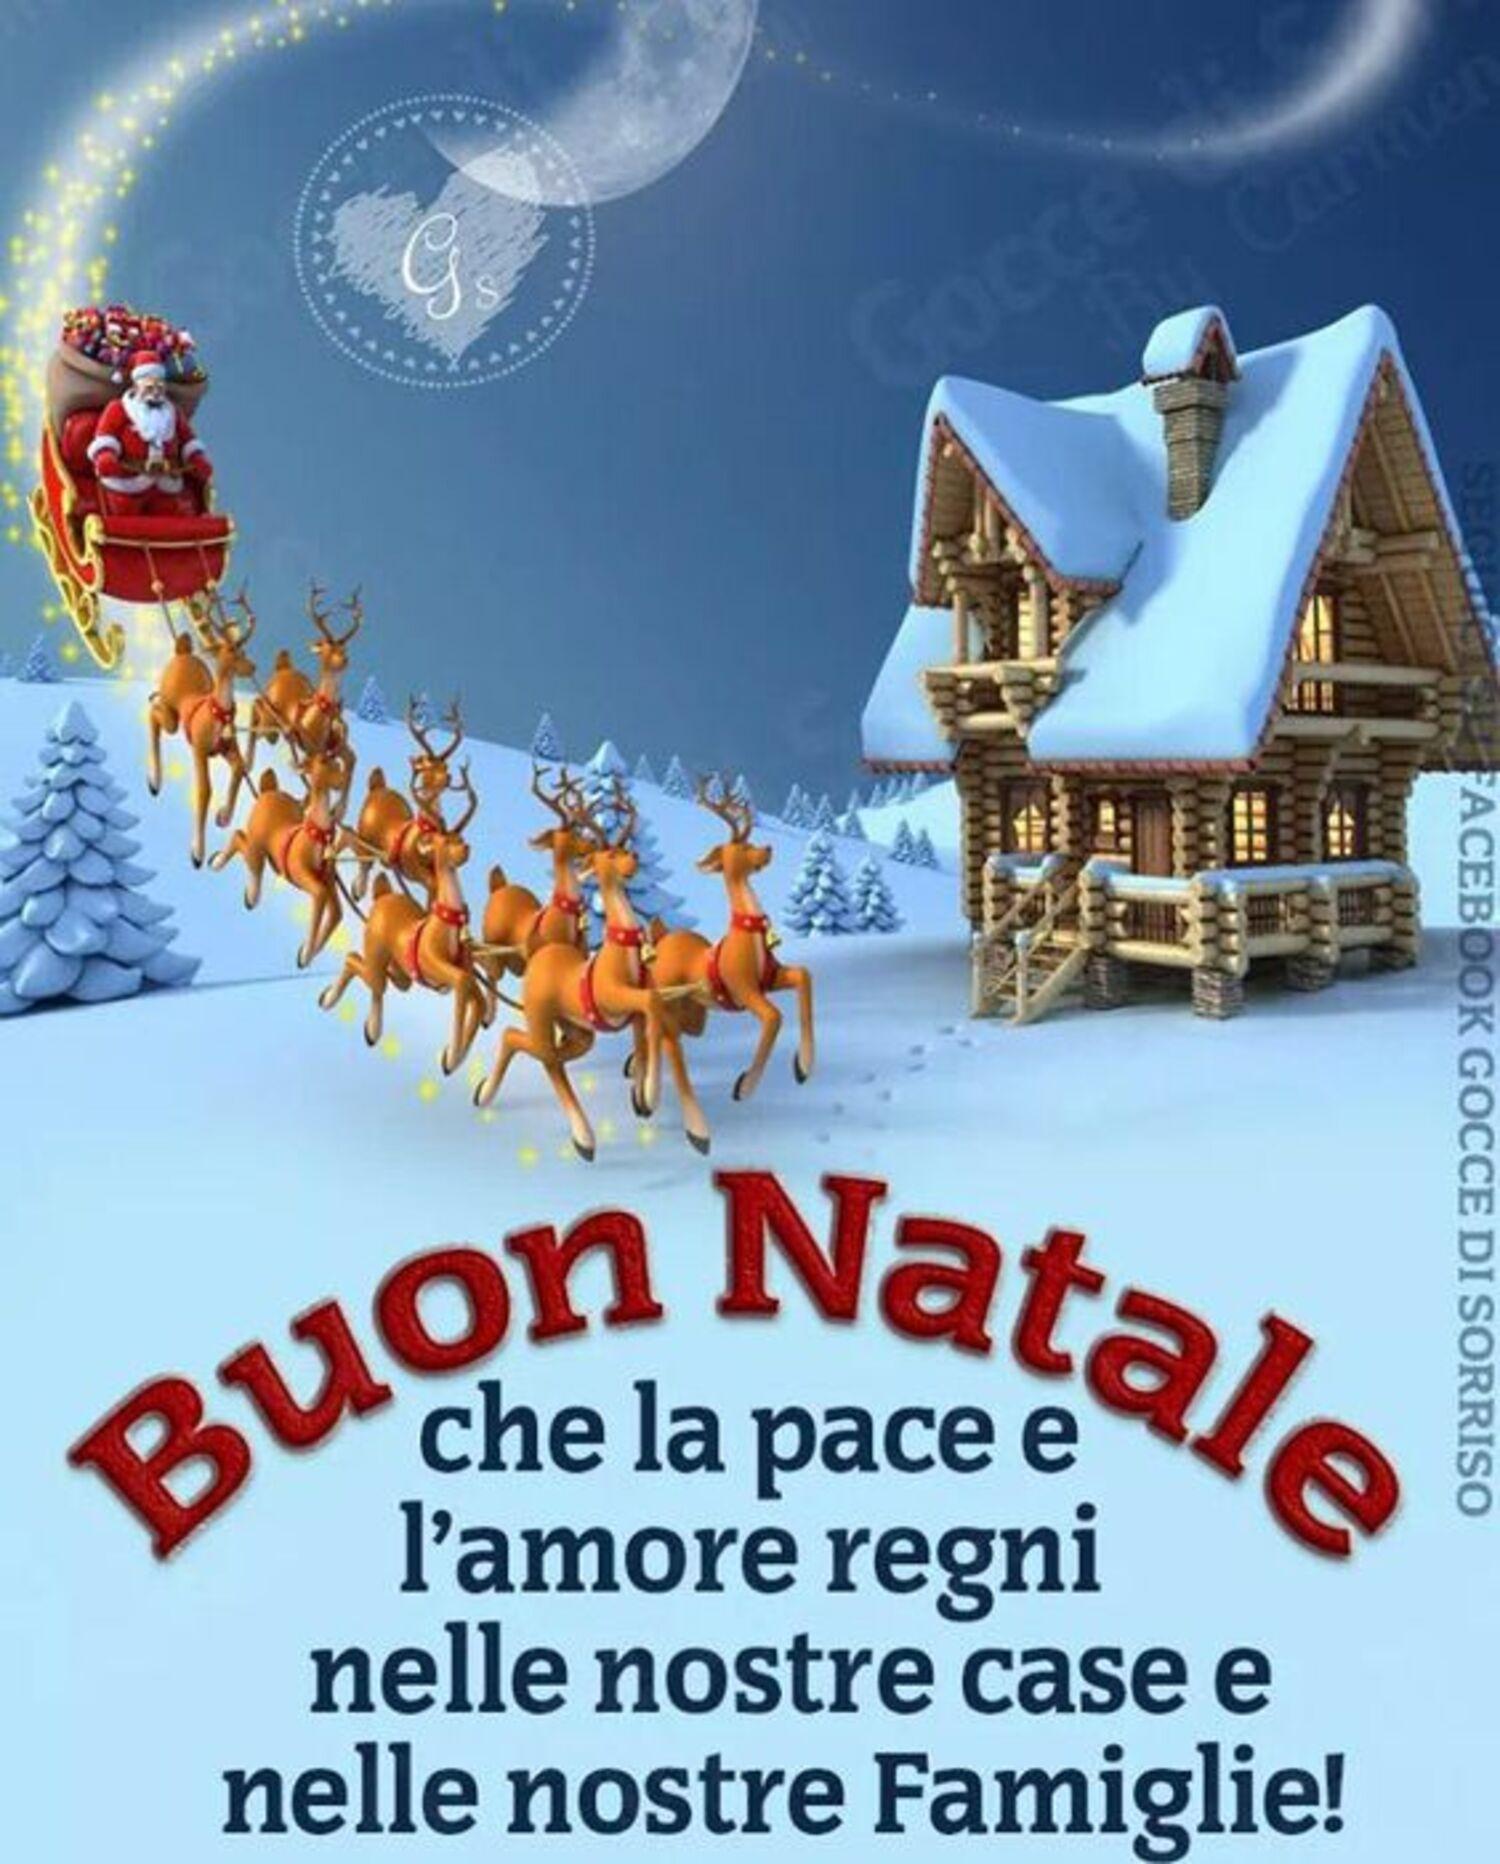 Buon Natale, che la pace e l'amore regni nelle nostre case e nelle nostre famiglie!